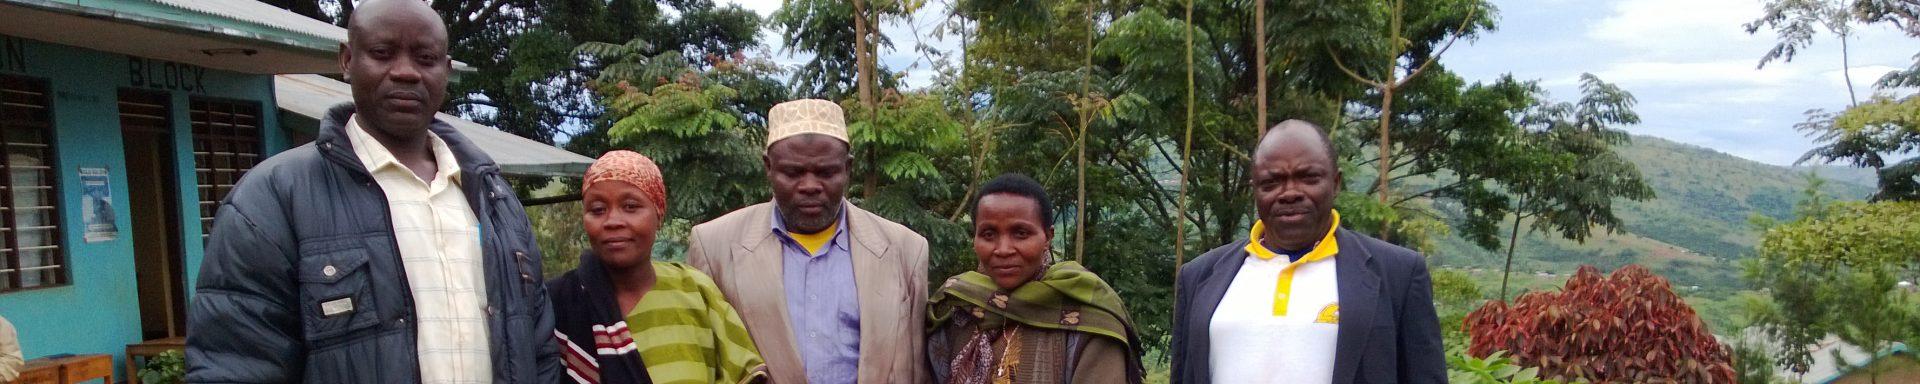 Samenwerking tussen mensen in Tanzania